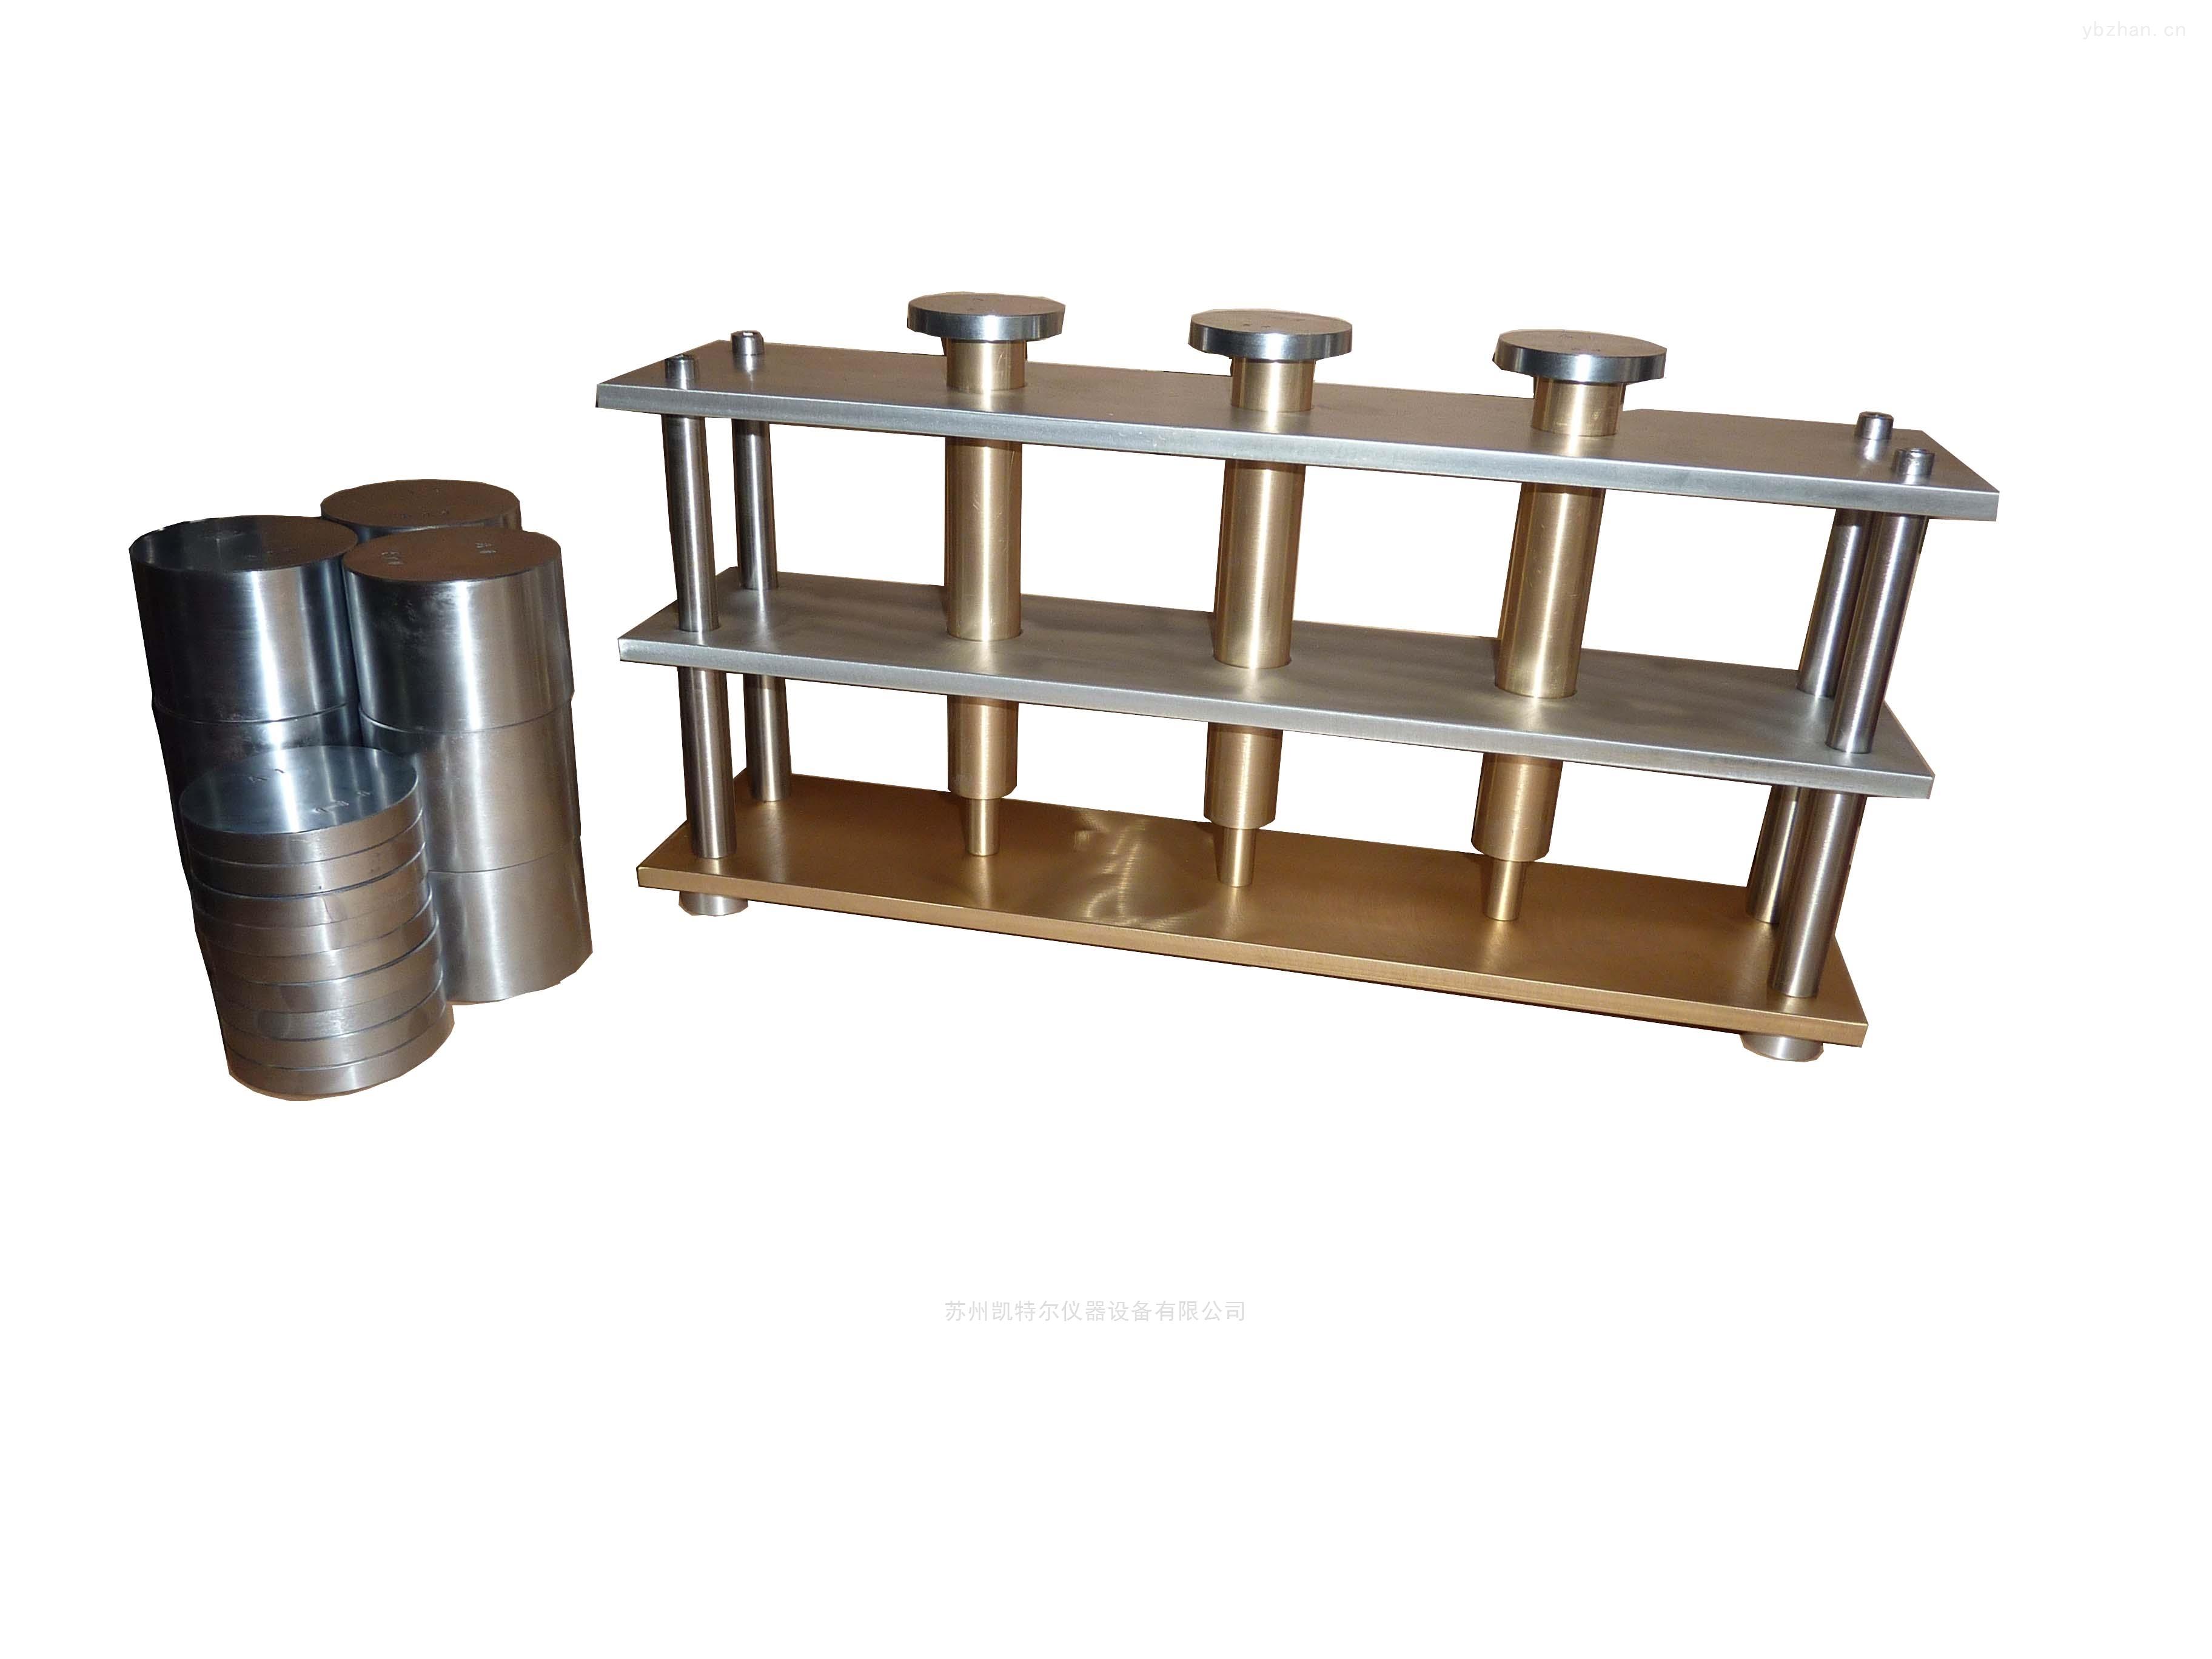 国内UL标准热变形试验装置